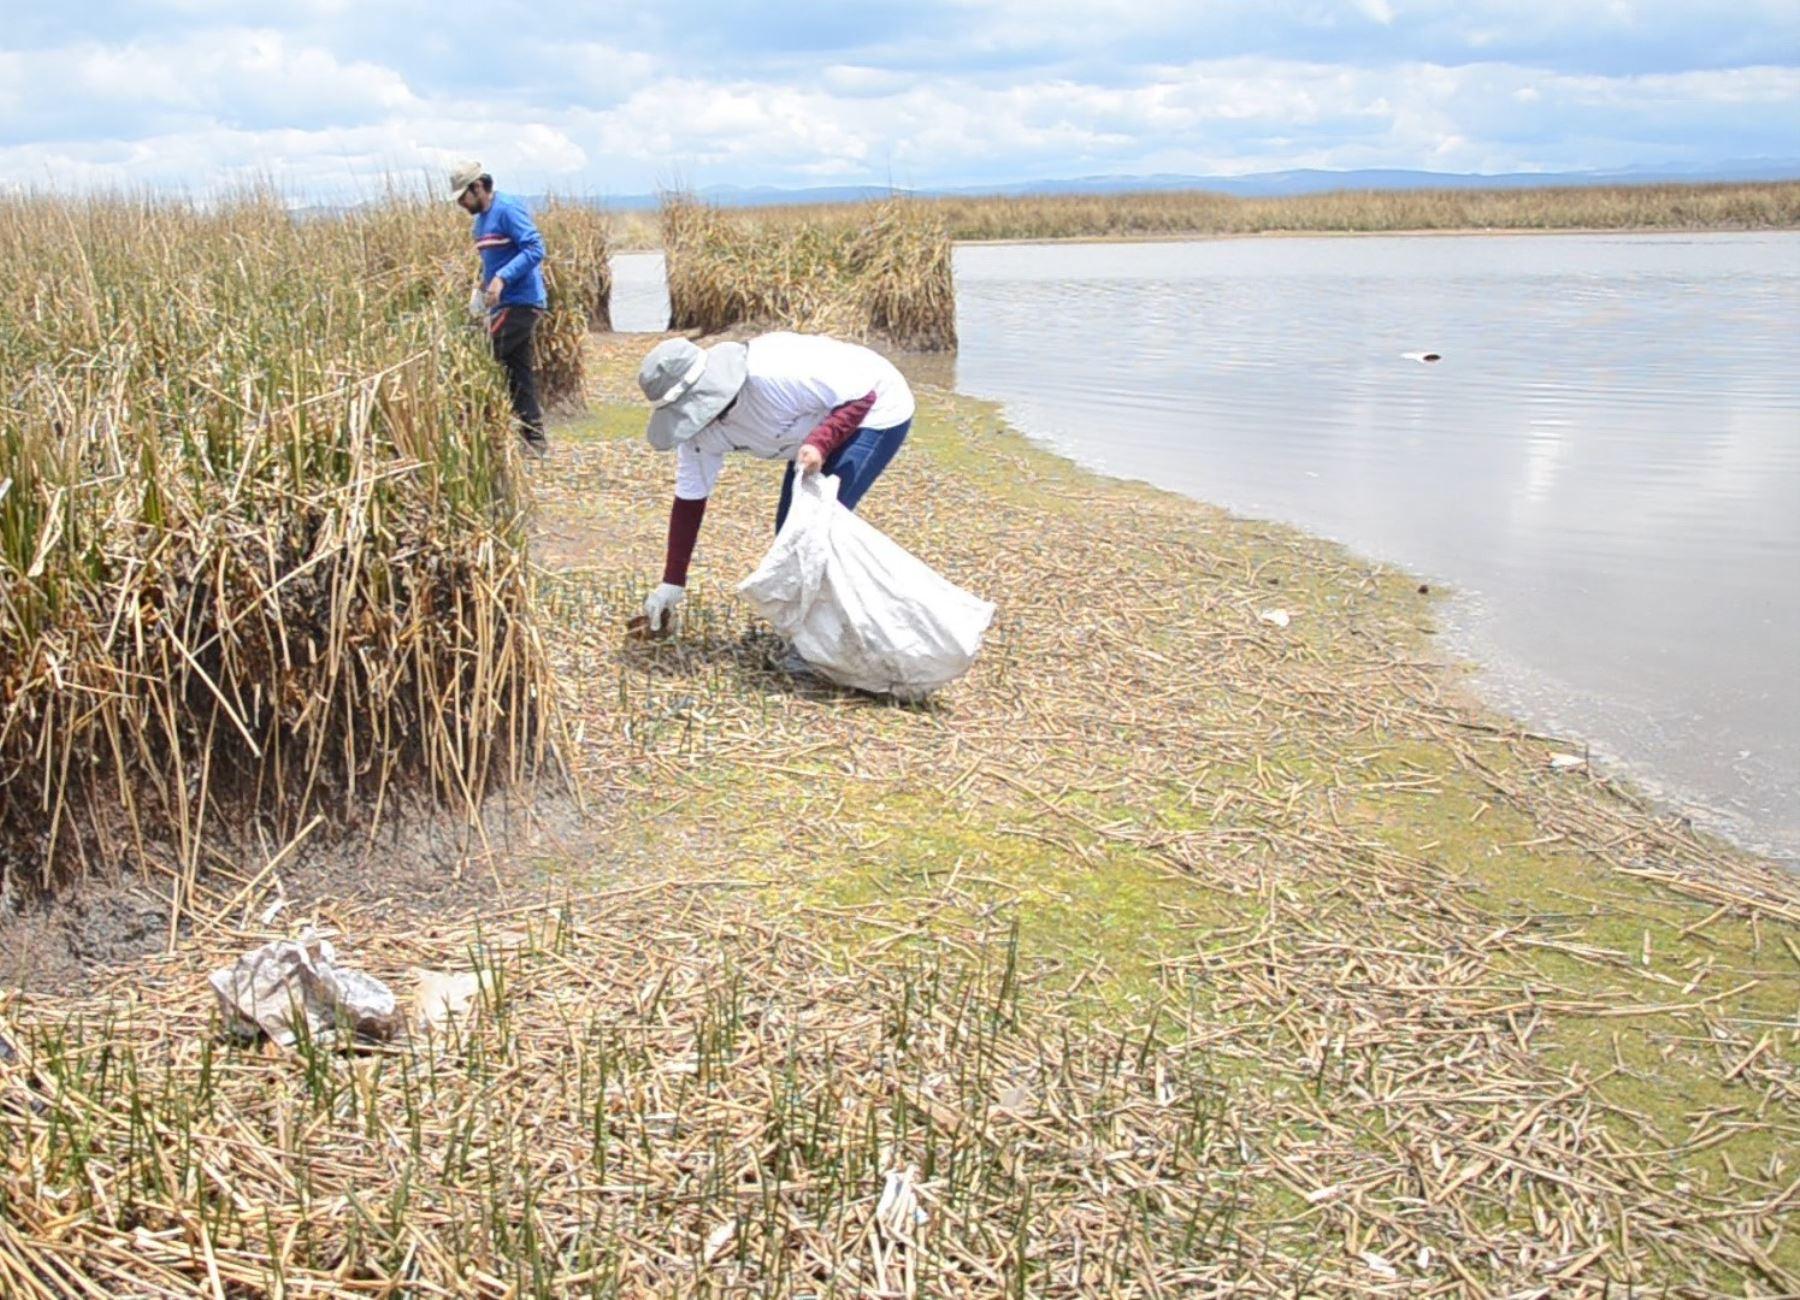 Brigadas ambientales realizan la limpieza del lago Chinchaycocha, en Junín. ANDINA